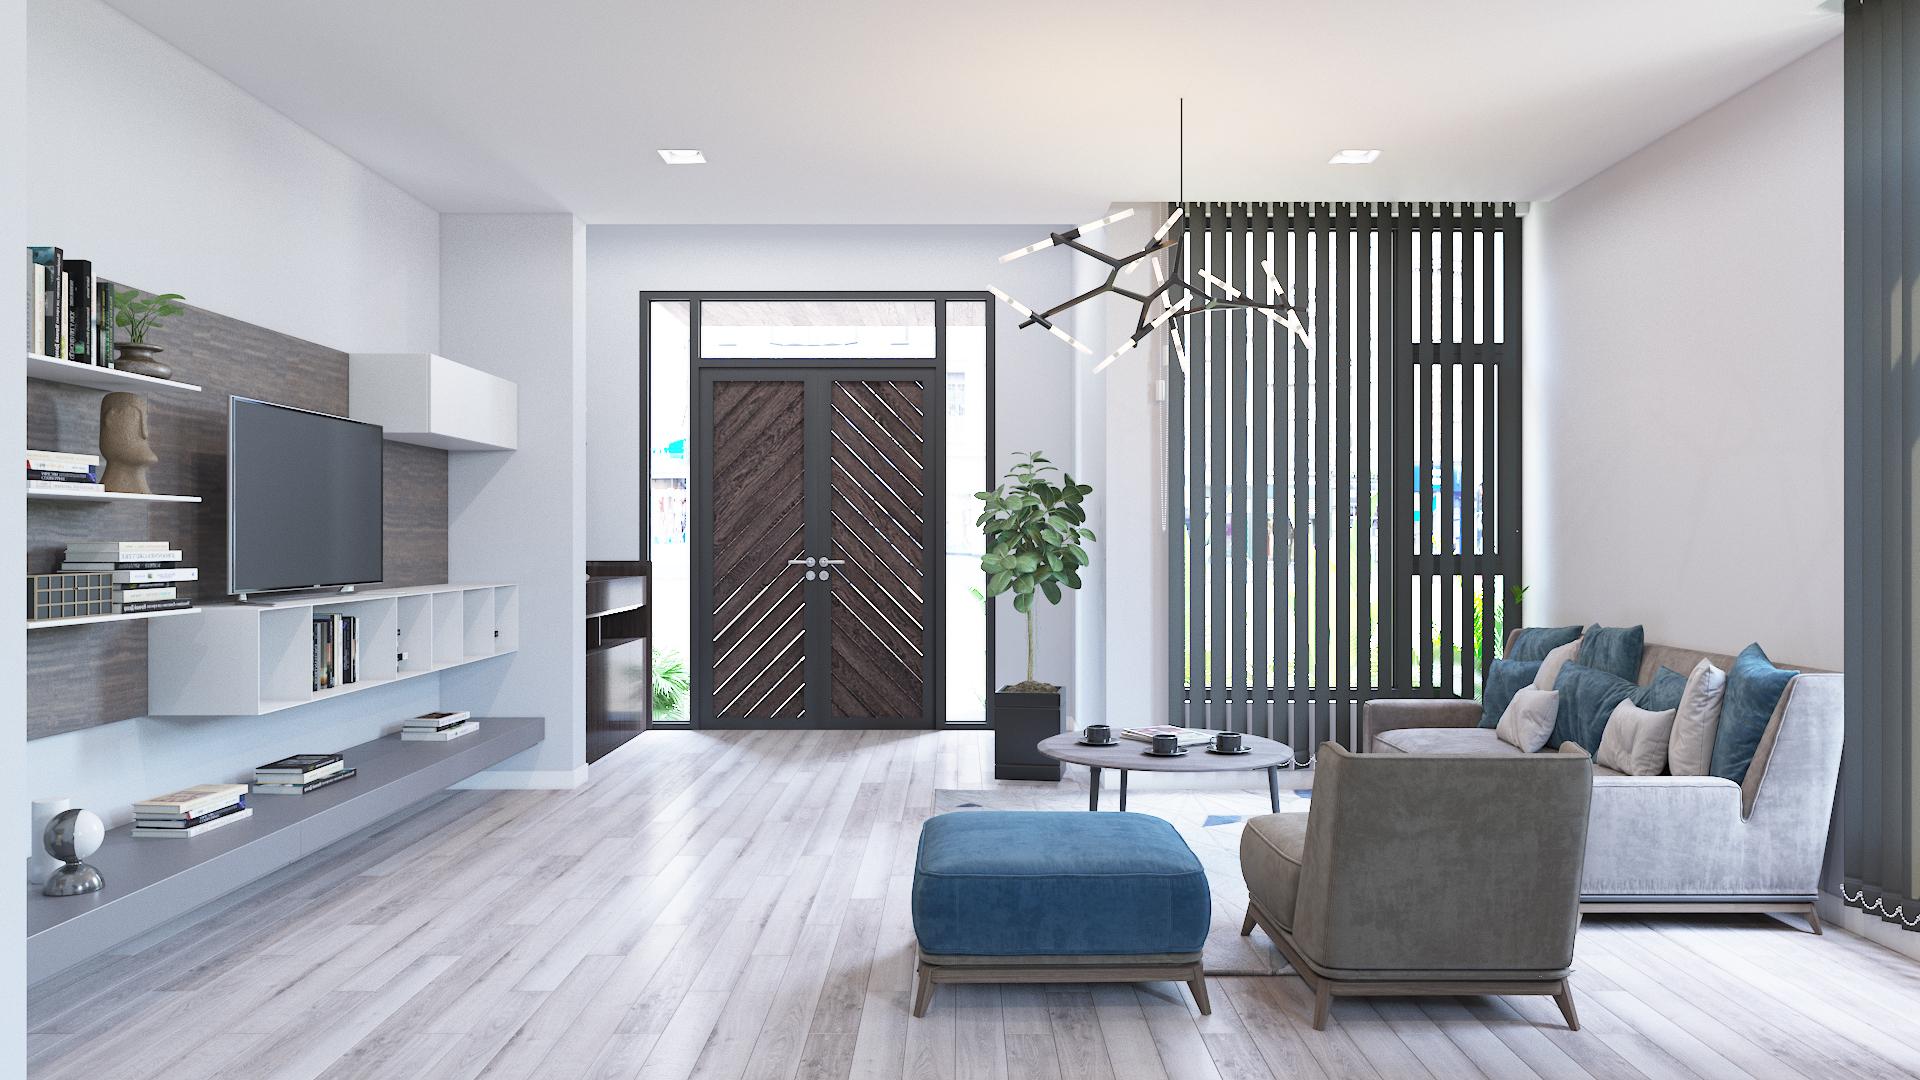 Thiết kế kiến trúc nội thất Buôn Ma Thuột - UNIZ | Mẫu thiết kế nhà ở miễn phí hiện đại cho gia đình trẻ